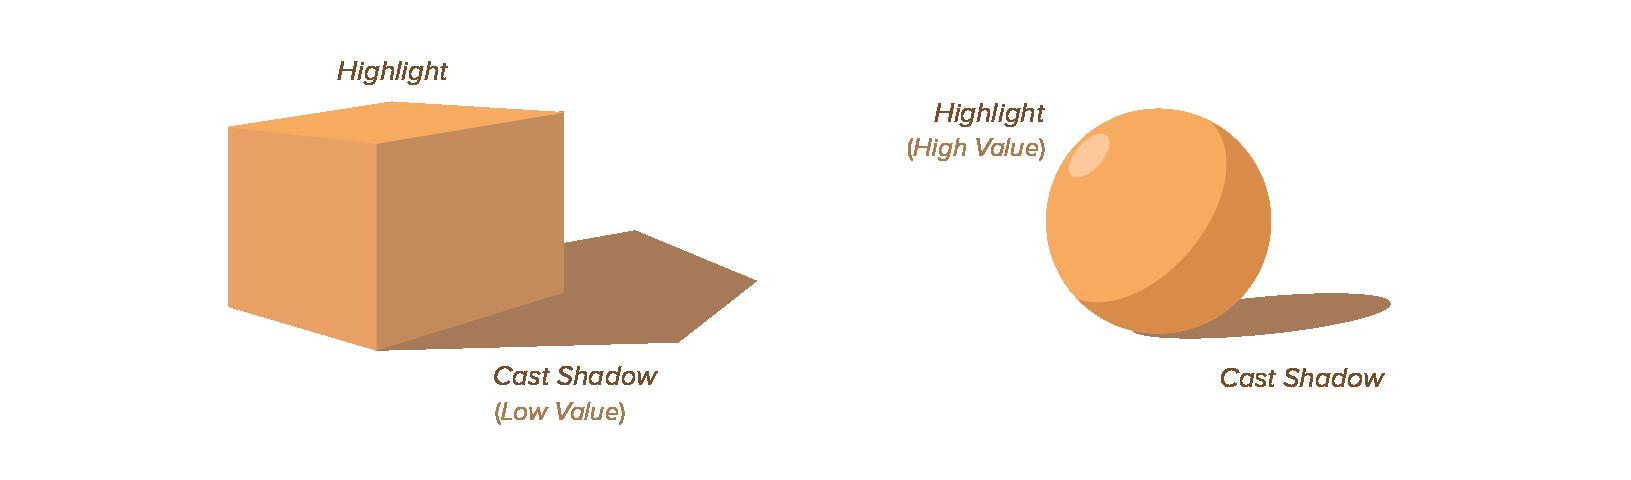 DesignLightHighlightsShadows